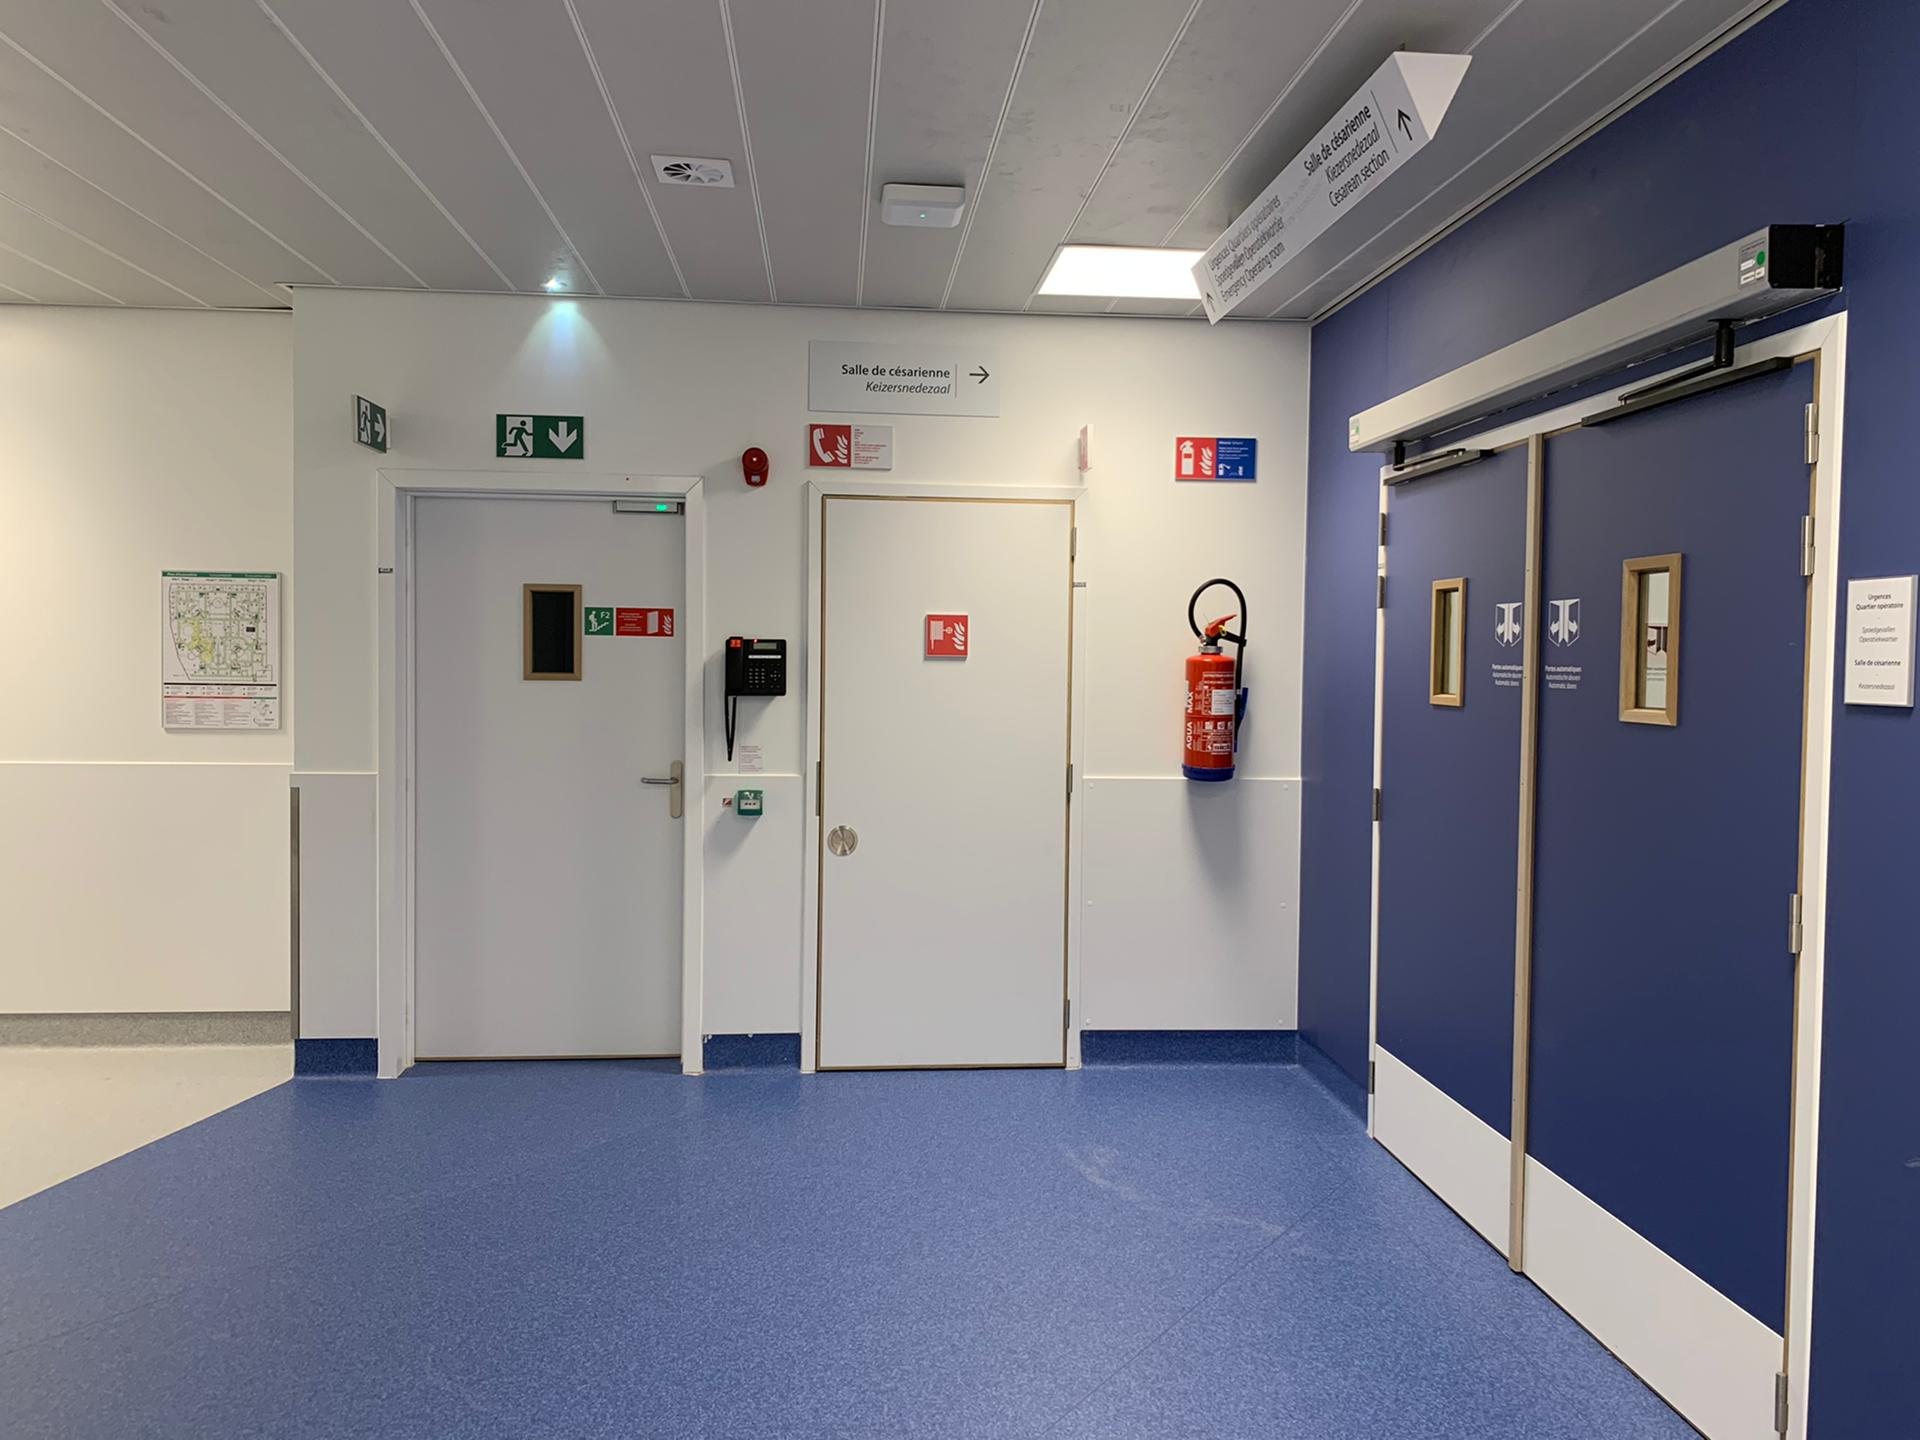 Veiligheidssignalisatie brand en evacuatie, evacuatieplan en pictogrammen, veiligheidsborden interne wayfinding bij Chirac Delta door Actual Sign, member of the Remotec Group